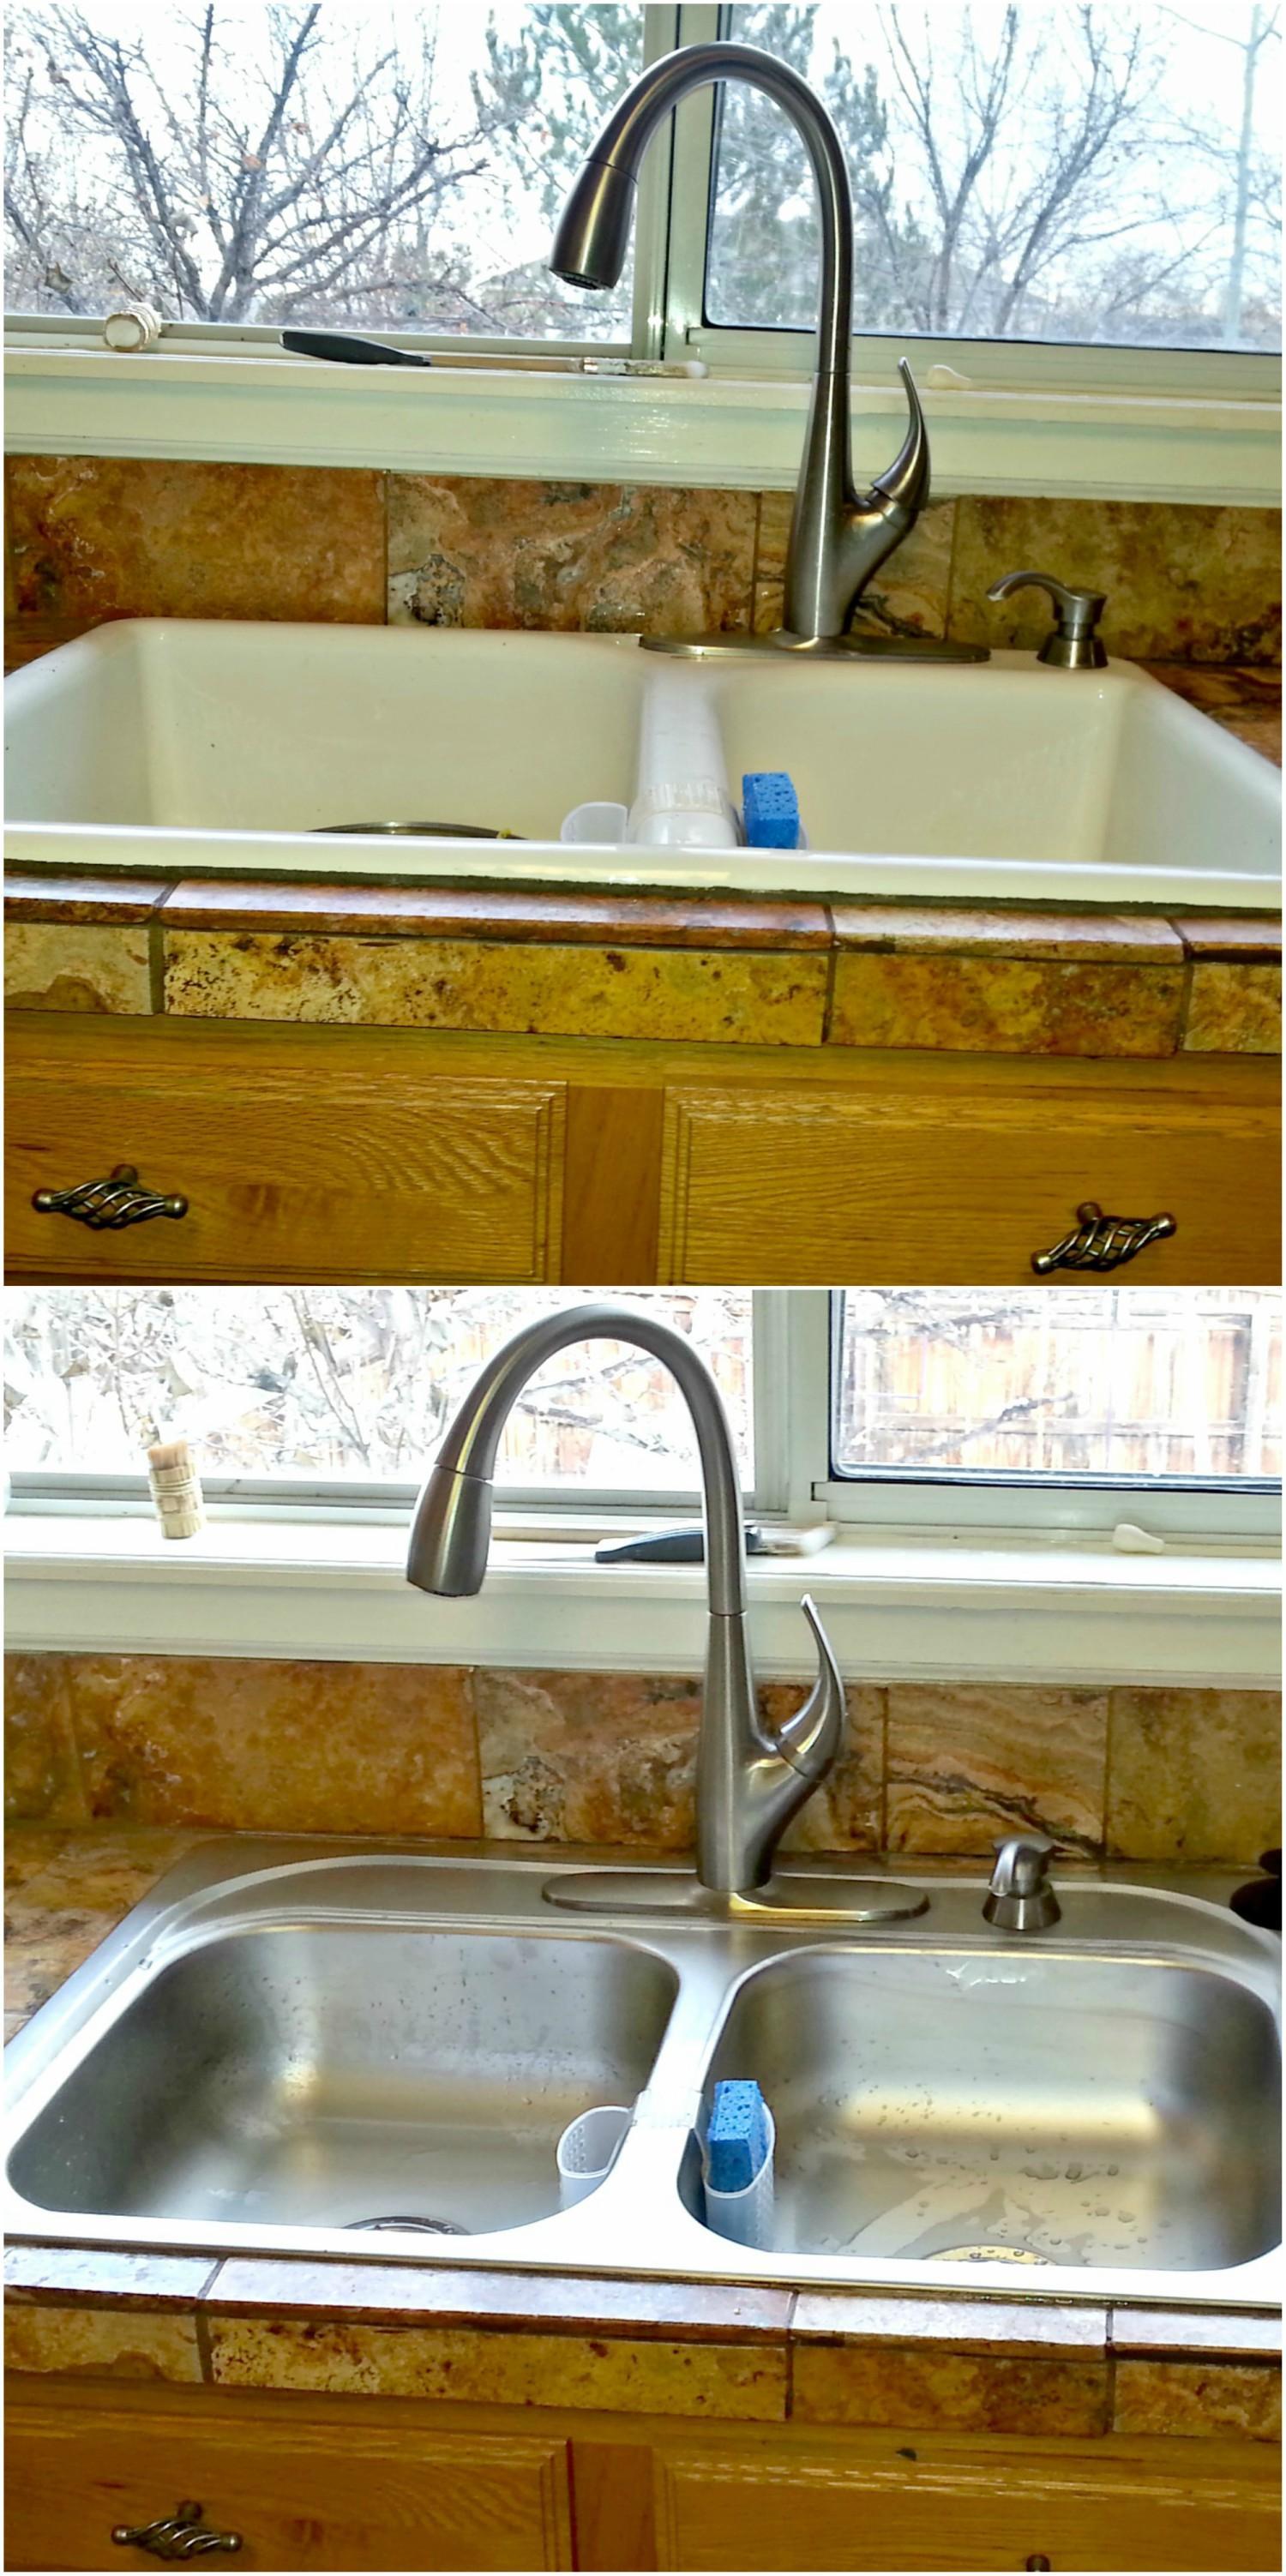 Handyman Matters image 13